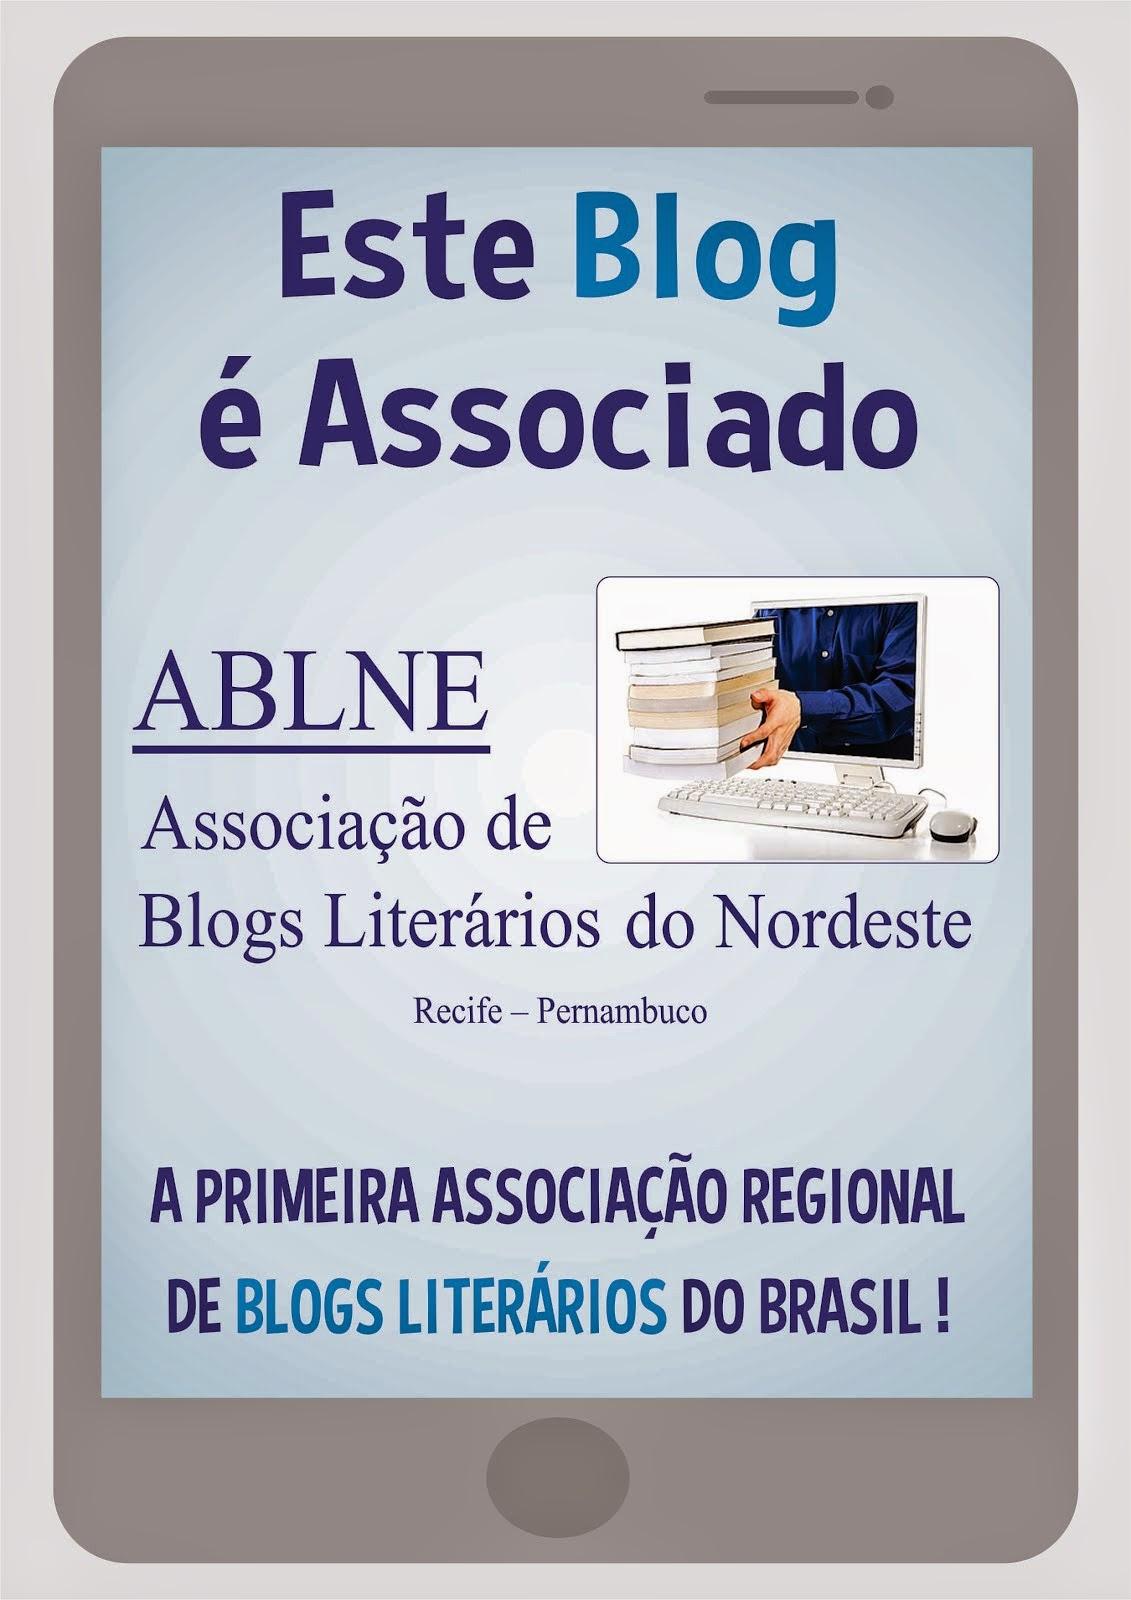 ABLNE - ASSOCIAÇÃO DE BLOGS LITERÁRIOS DO NORDESTE